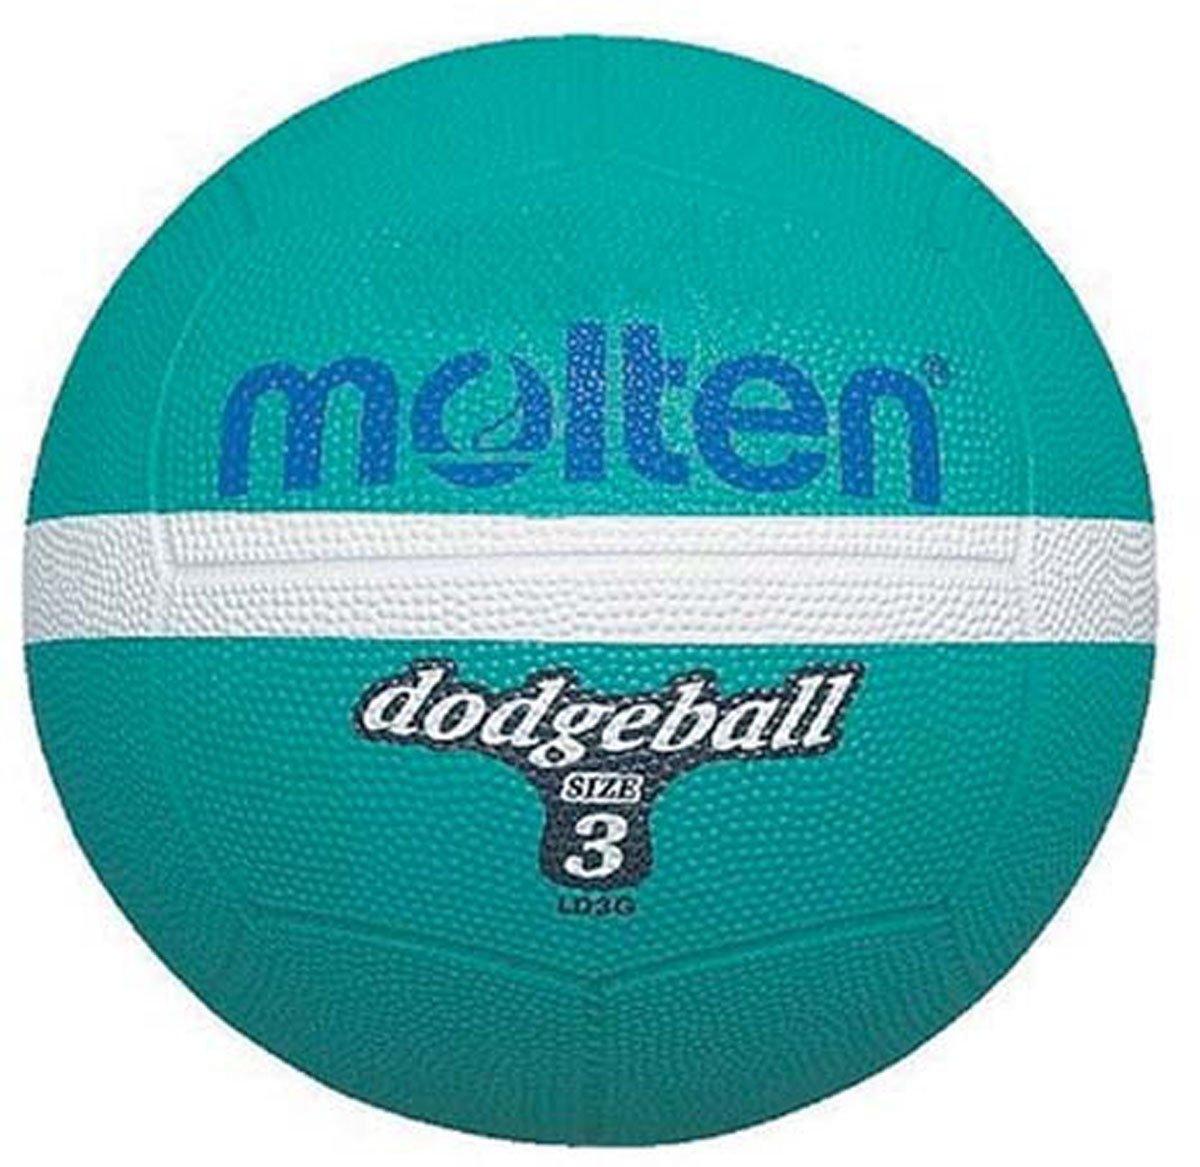 Molten Rubber Upper Strong Grip Dodgeball Size 3